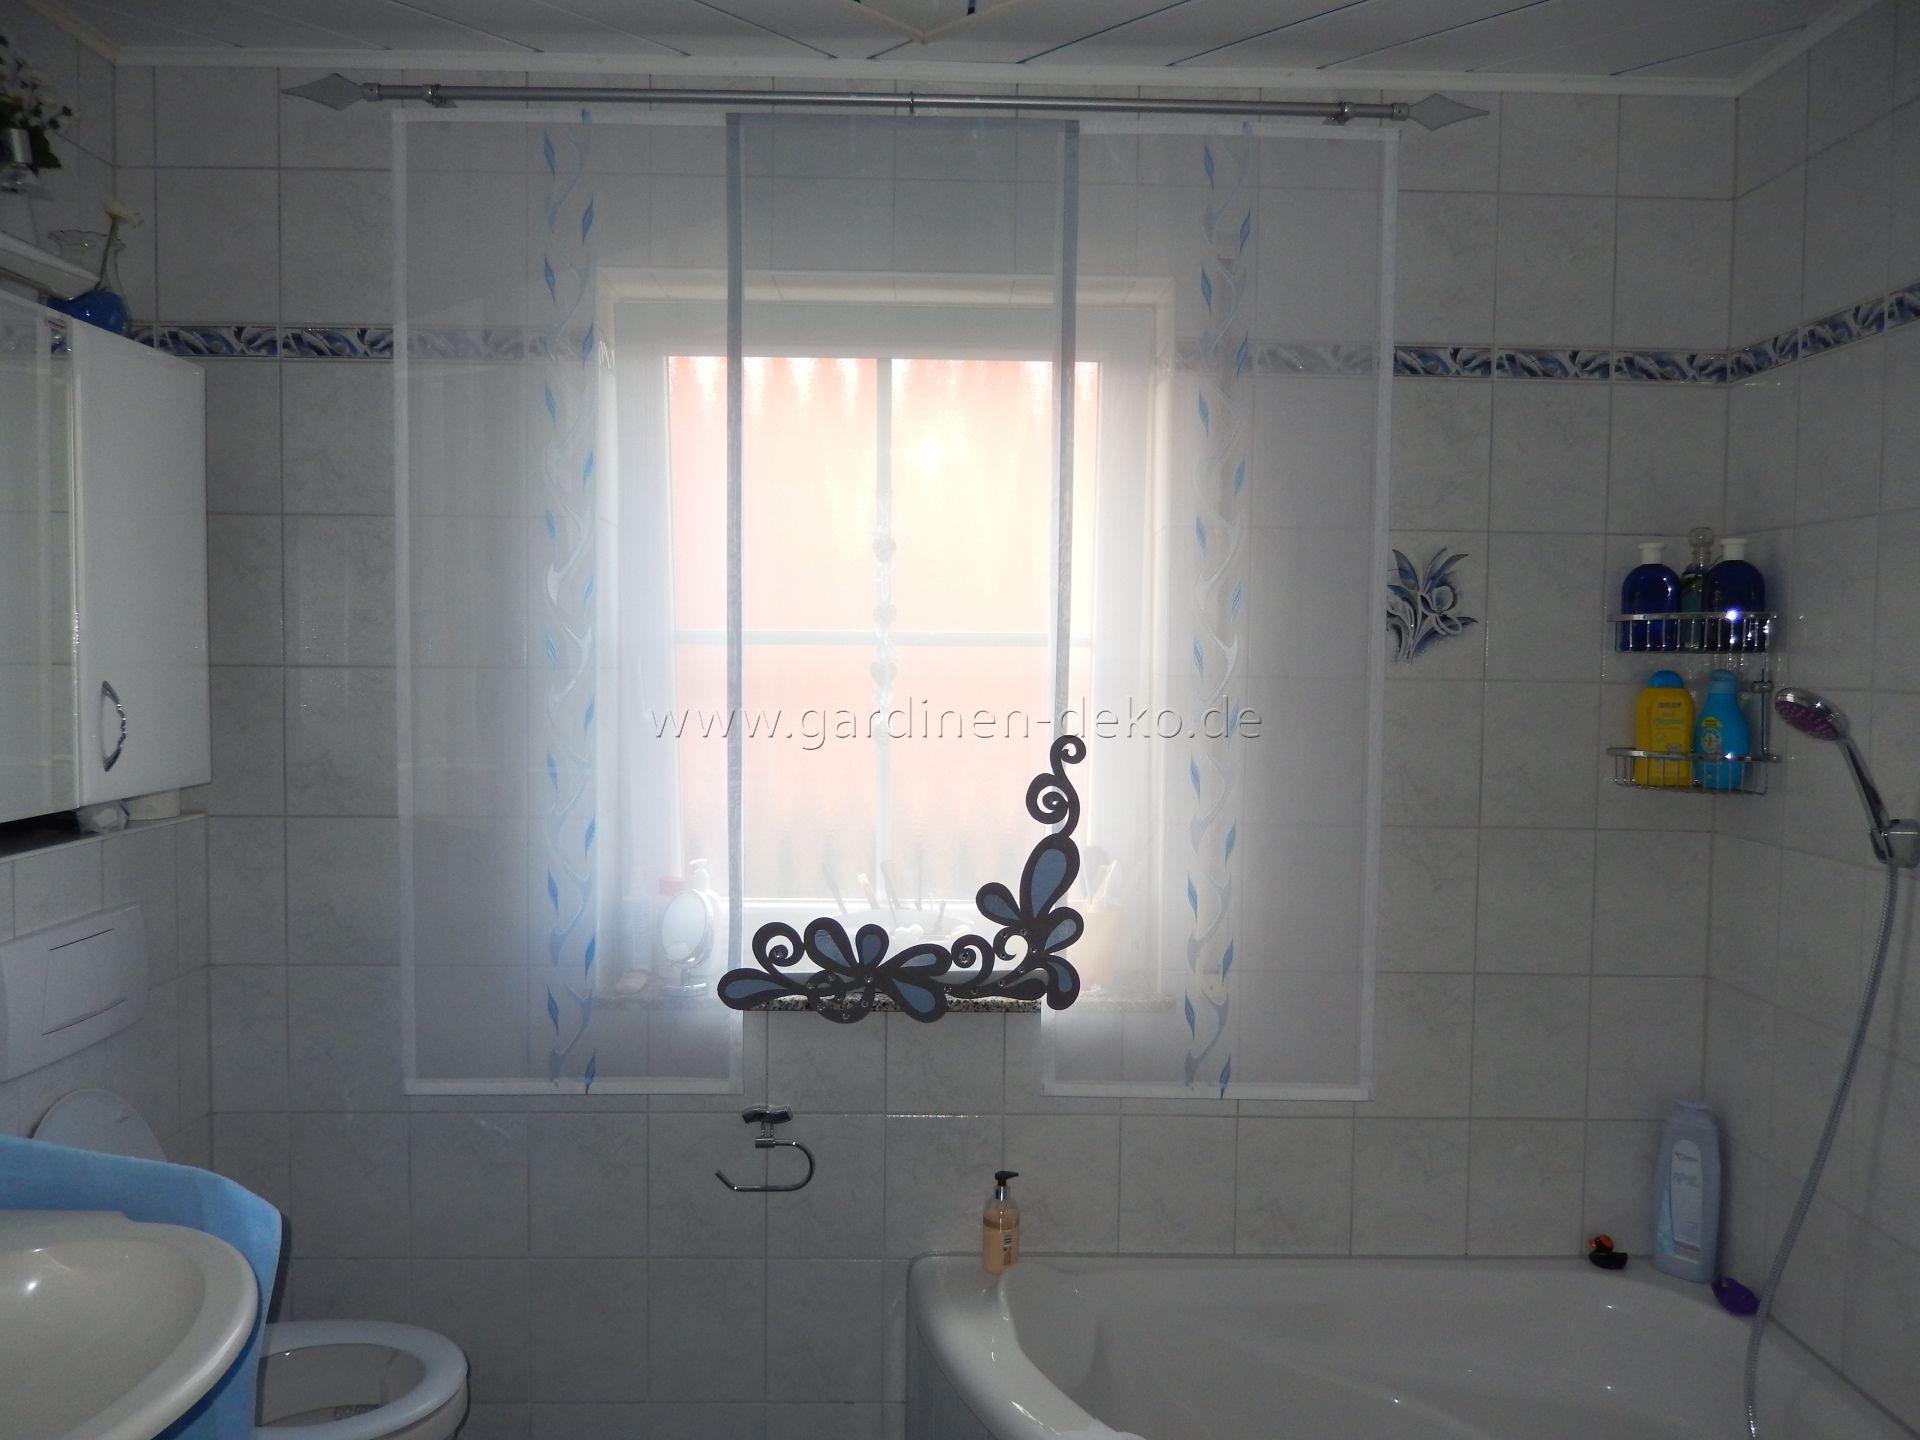 Badezimmer Gardinen ~ Best gardinen images blinds curtains and draping